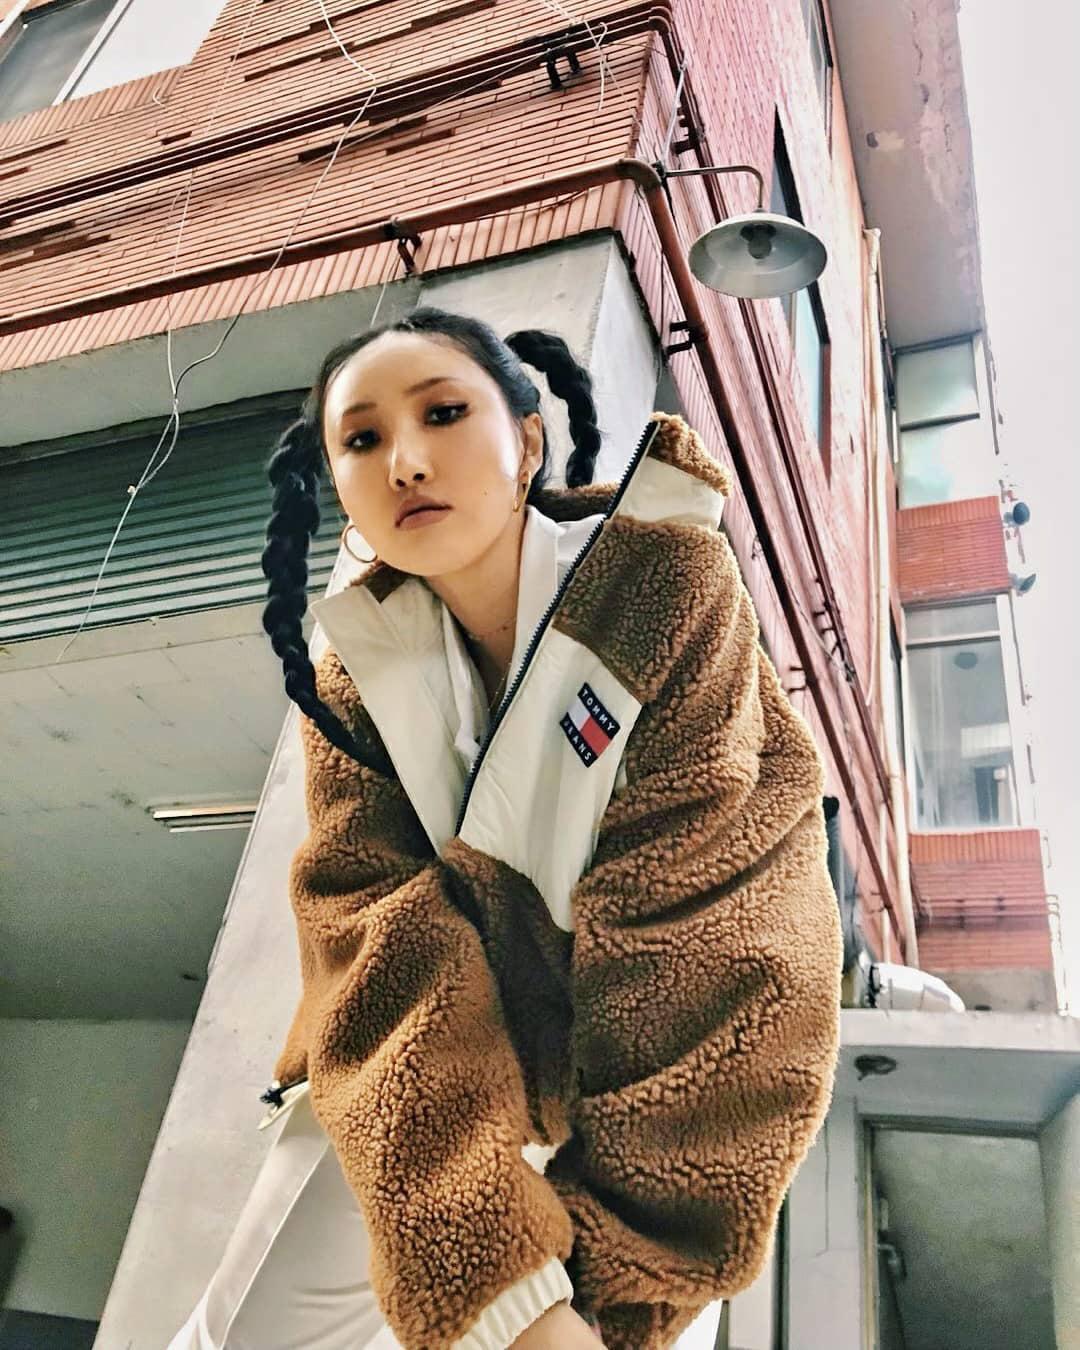 Sao Hàn đang lăng xê mẫu áo khoác lông cừu, mặc vào là tự tin chiến với mùa lạnh này luôn - Ảnh 7.